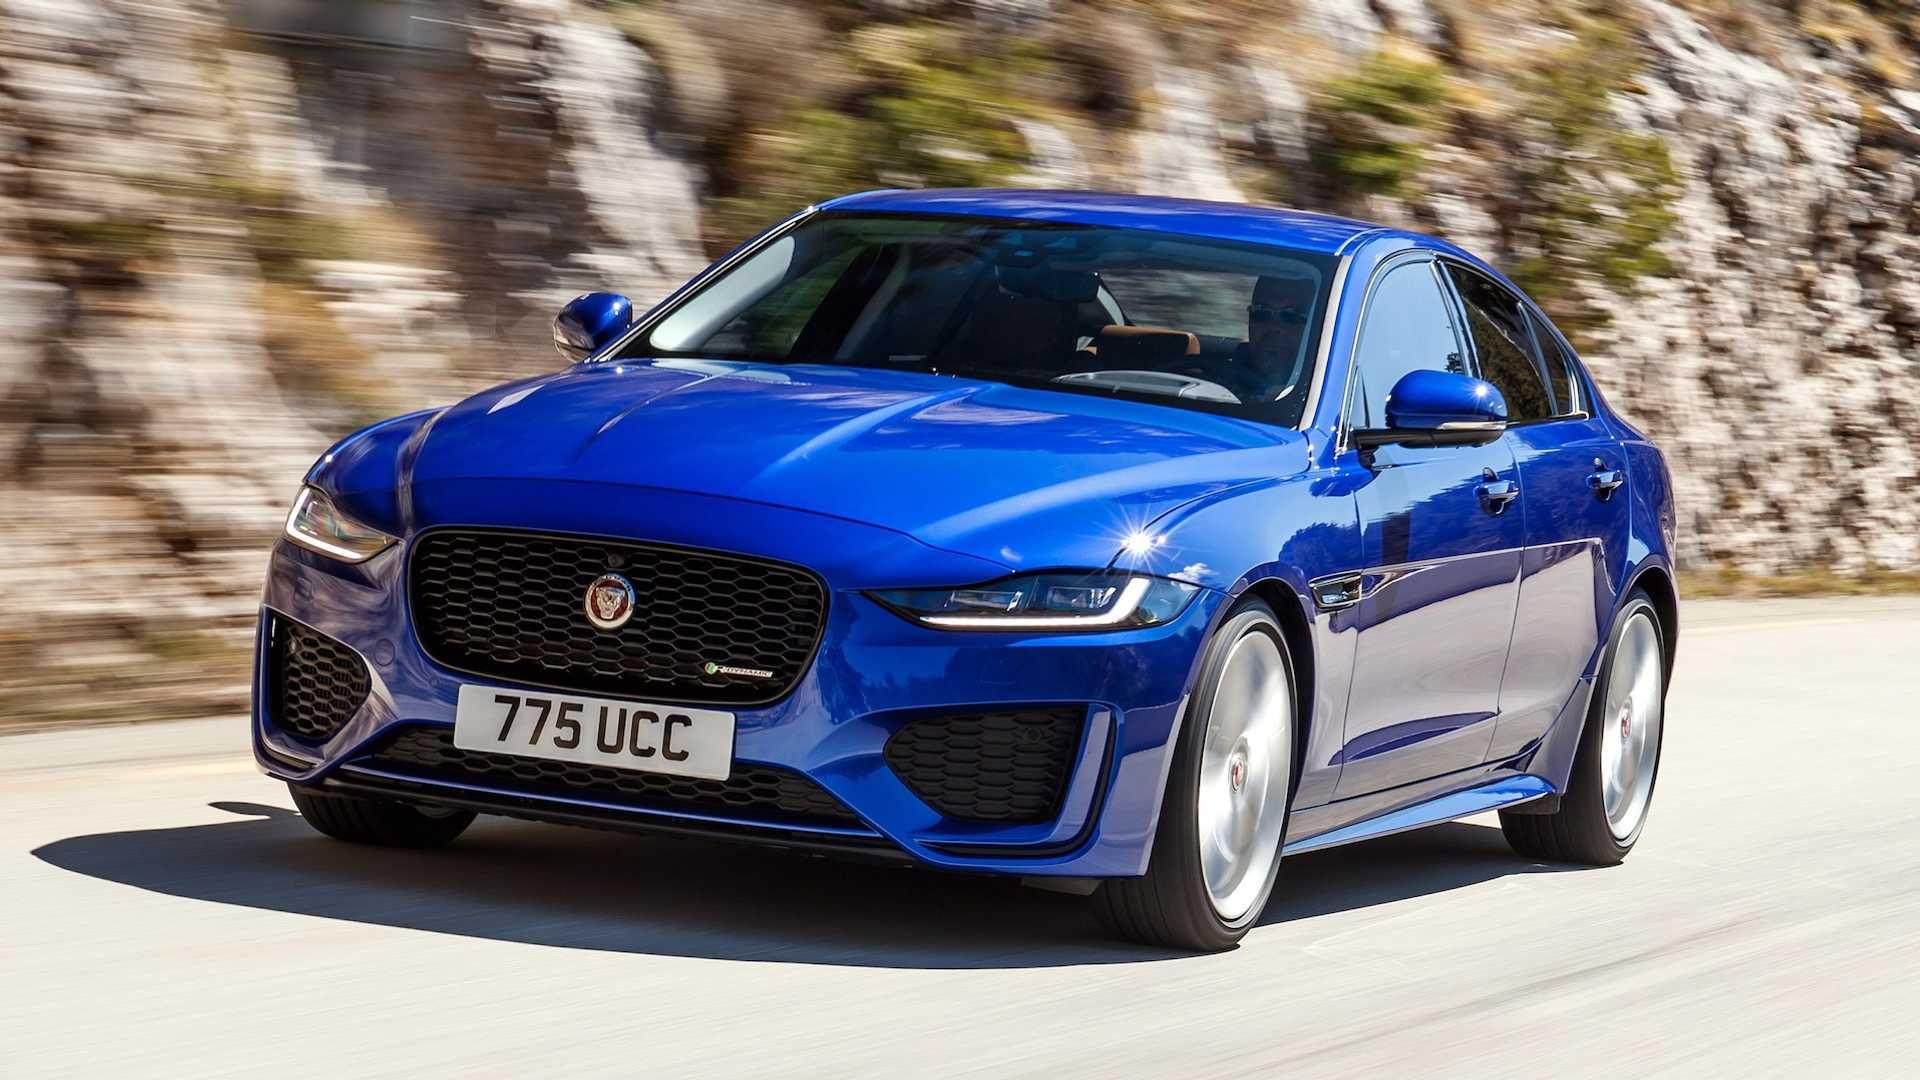 41 New 2020 Jaguar Xe V6 Reviews for 2020 Jaguar Xe V6